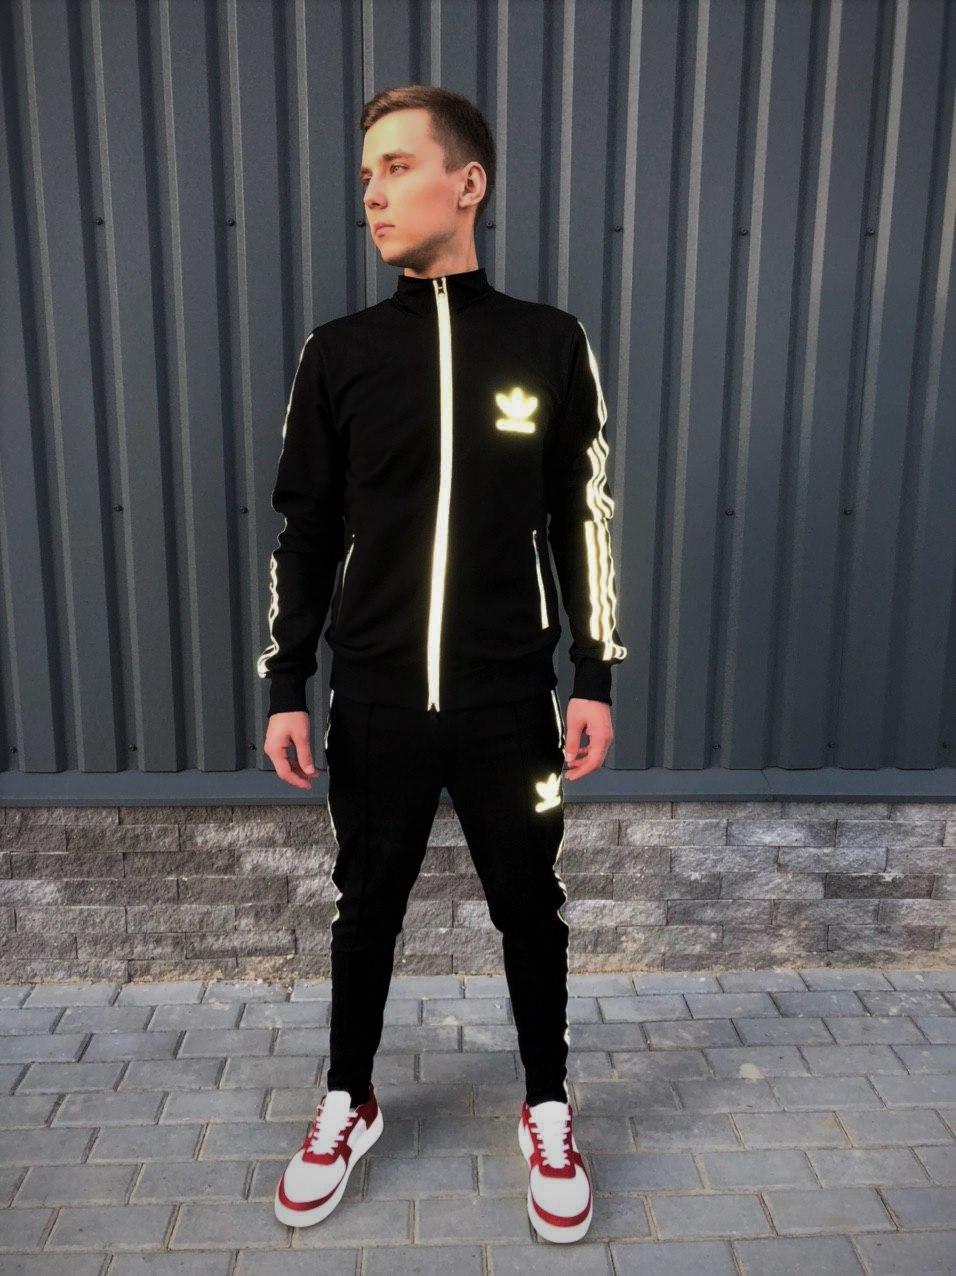 Adidas cпортивный мужской костюм черный с рефлективом весна-осеньМужской демисезонный спортивный костюм!